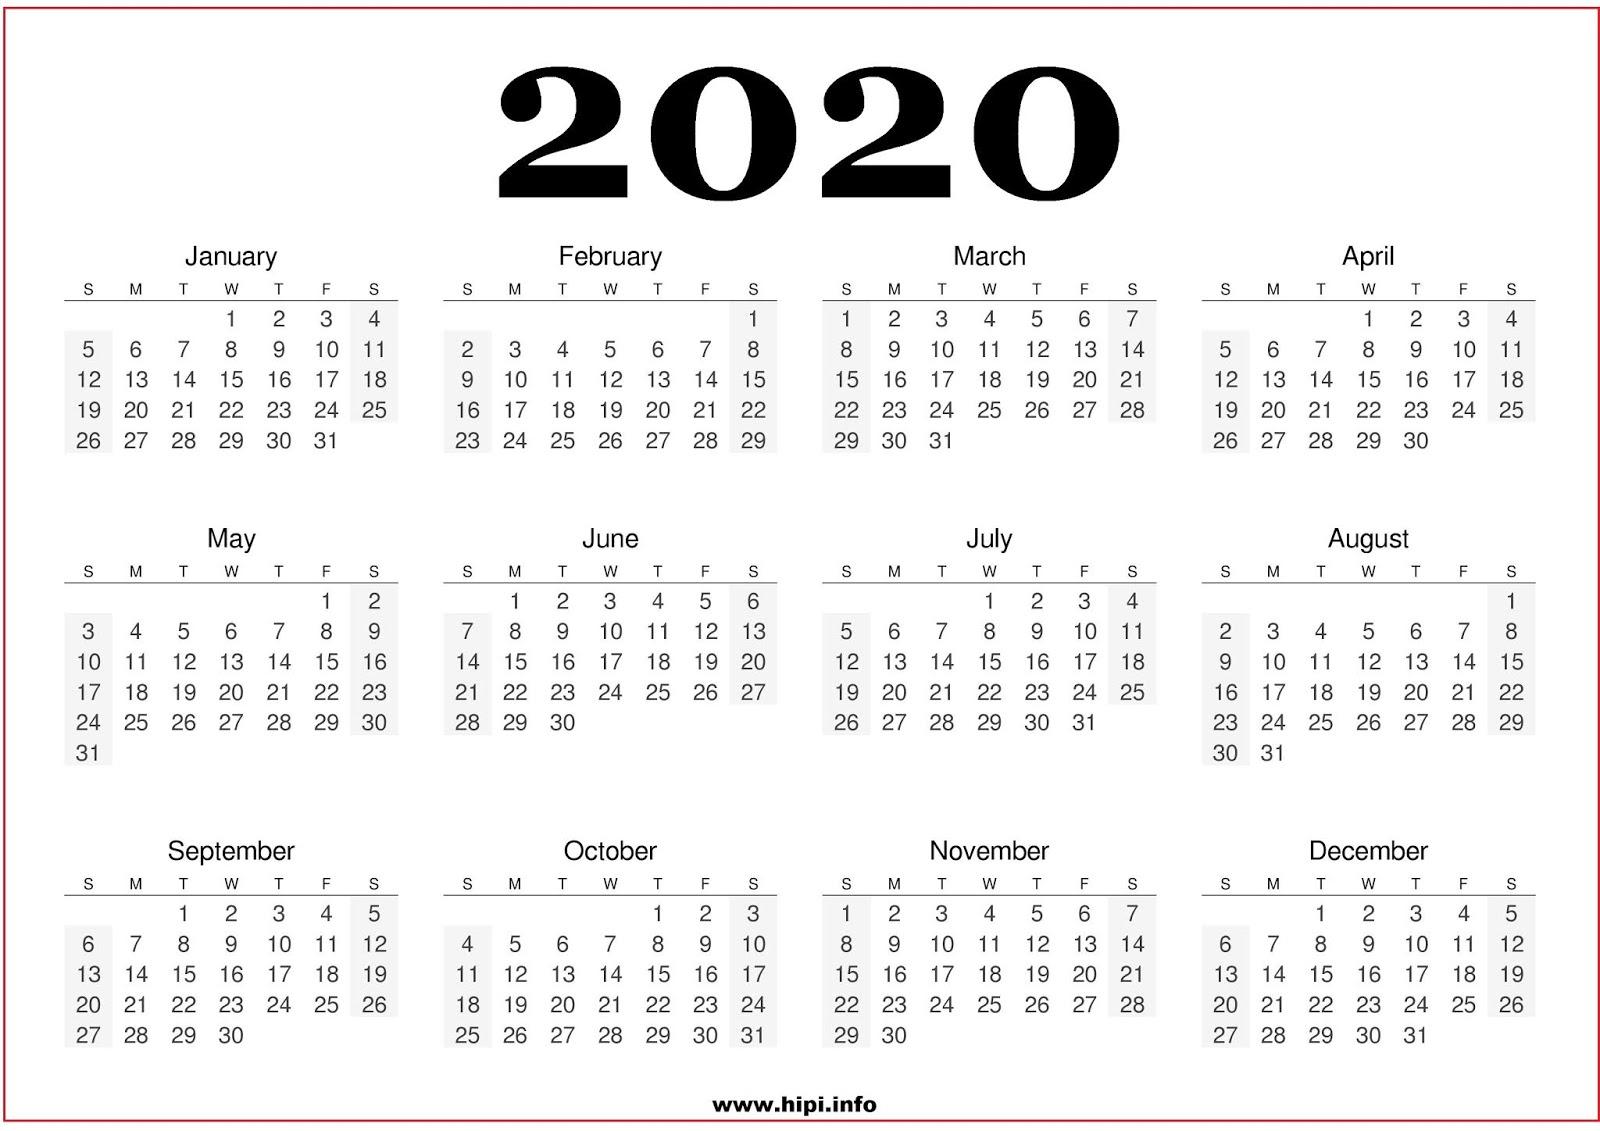 Calendars Printable / Twitter Headers / Facebook Covers regarding Yearly Printable Calendar 2020